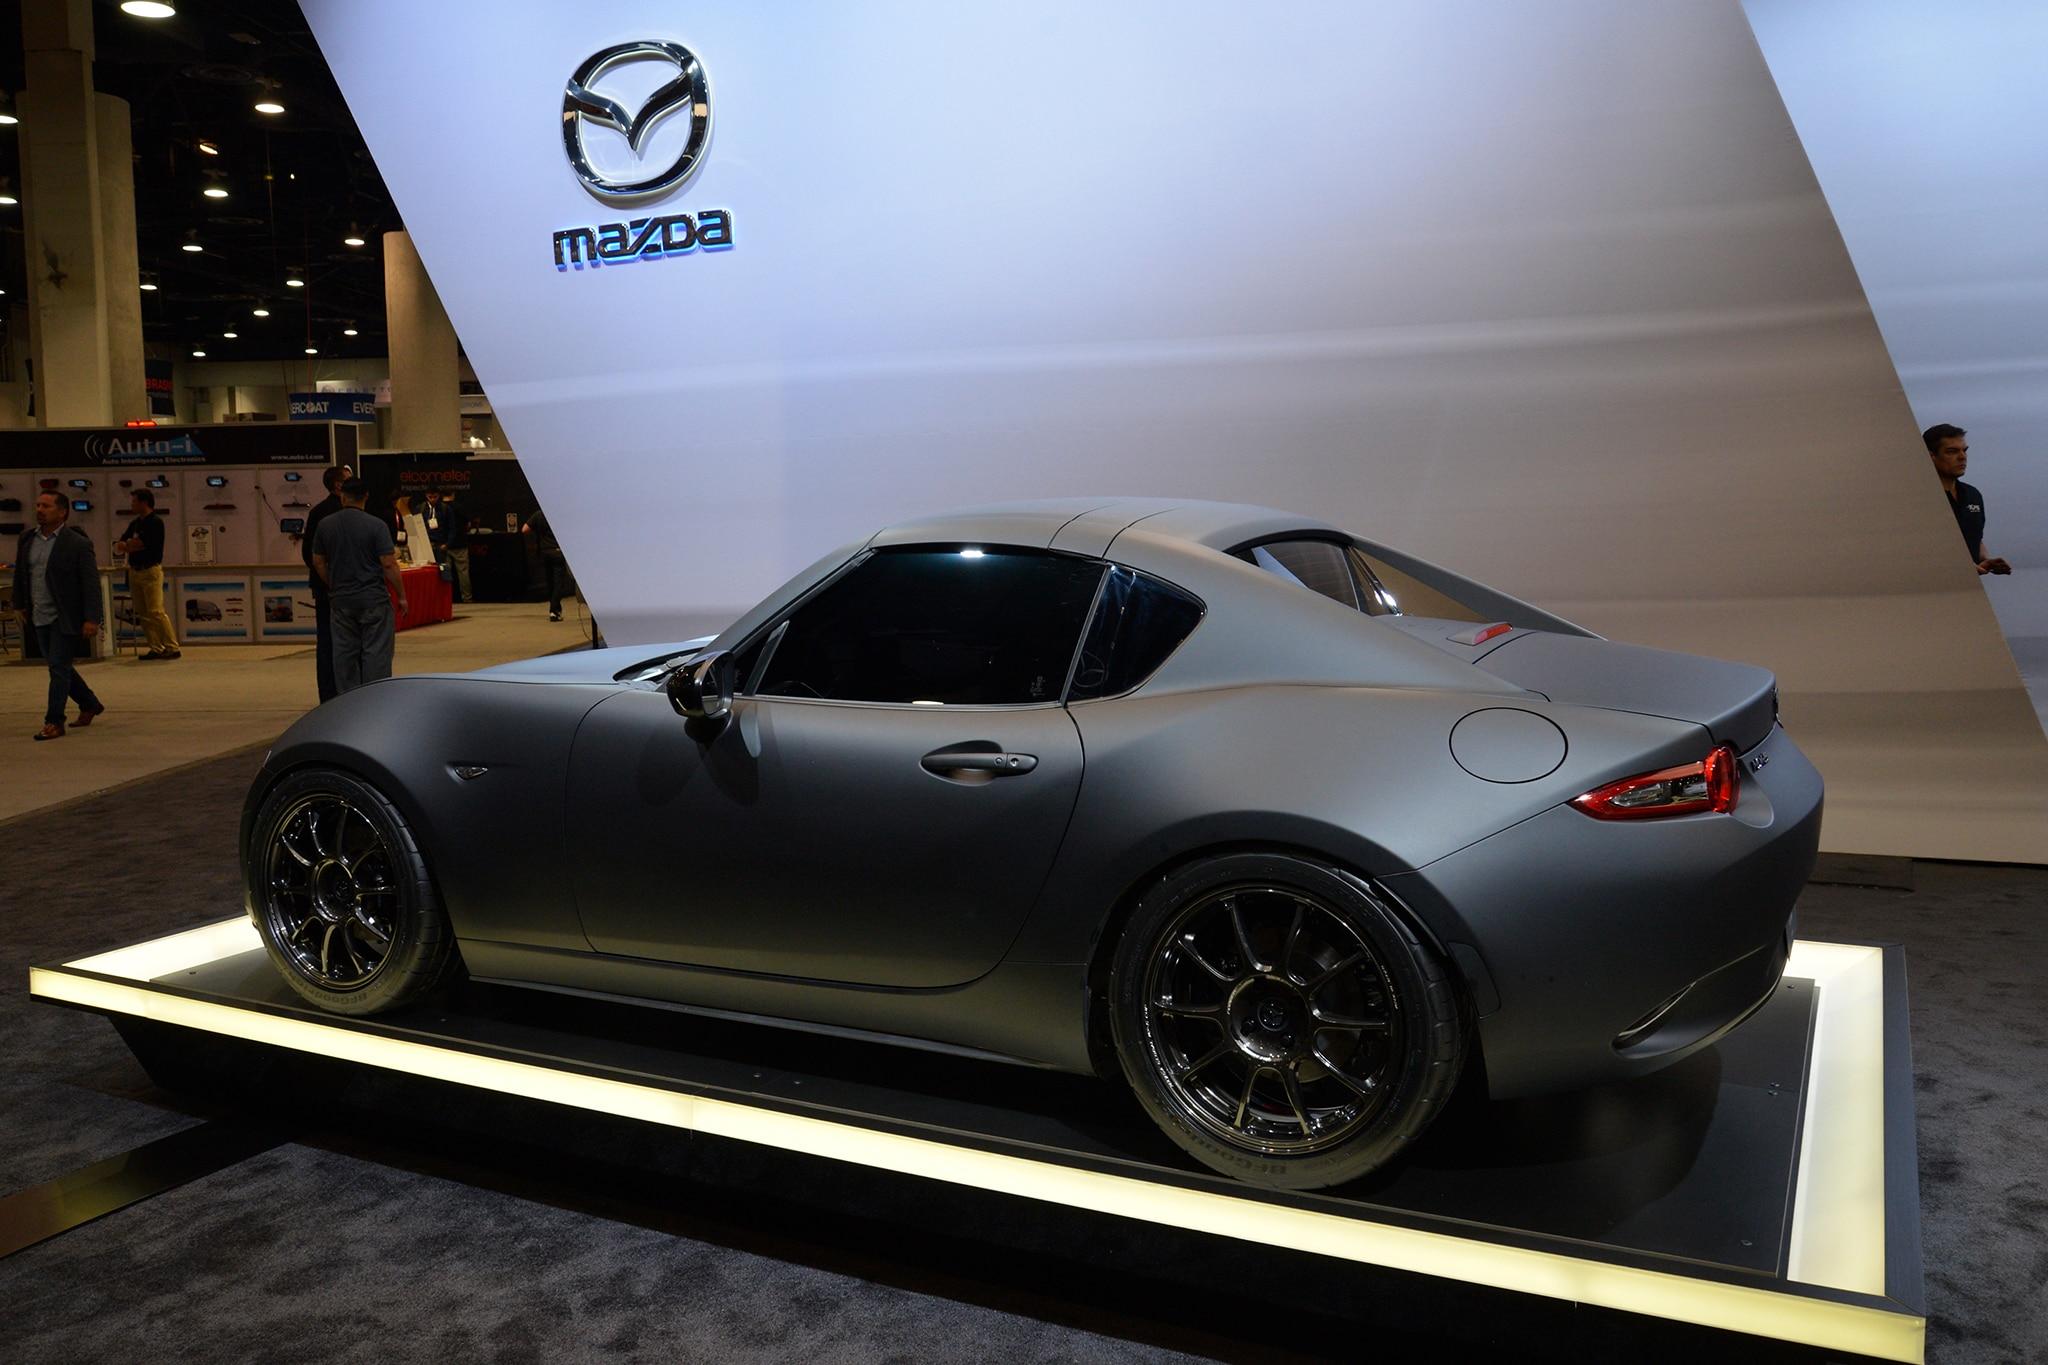 Miata 1.6 Engine >> SEMA 2016: Mazda Bringing Two Sexy MX-5 Miata Concepts | Automobile Magazine